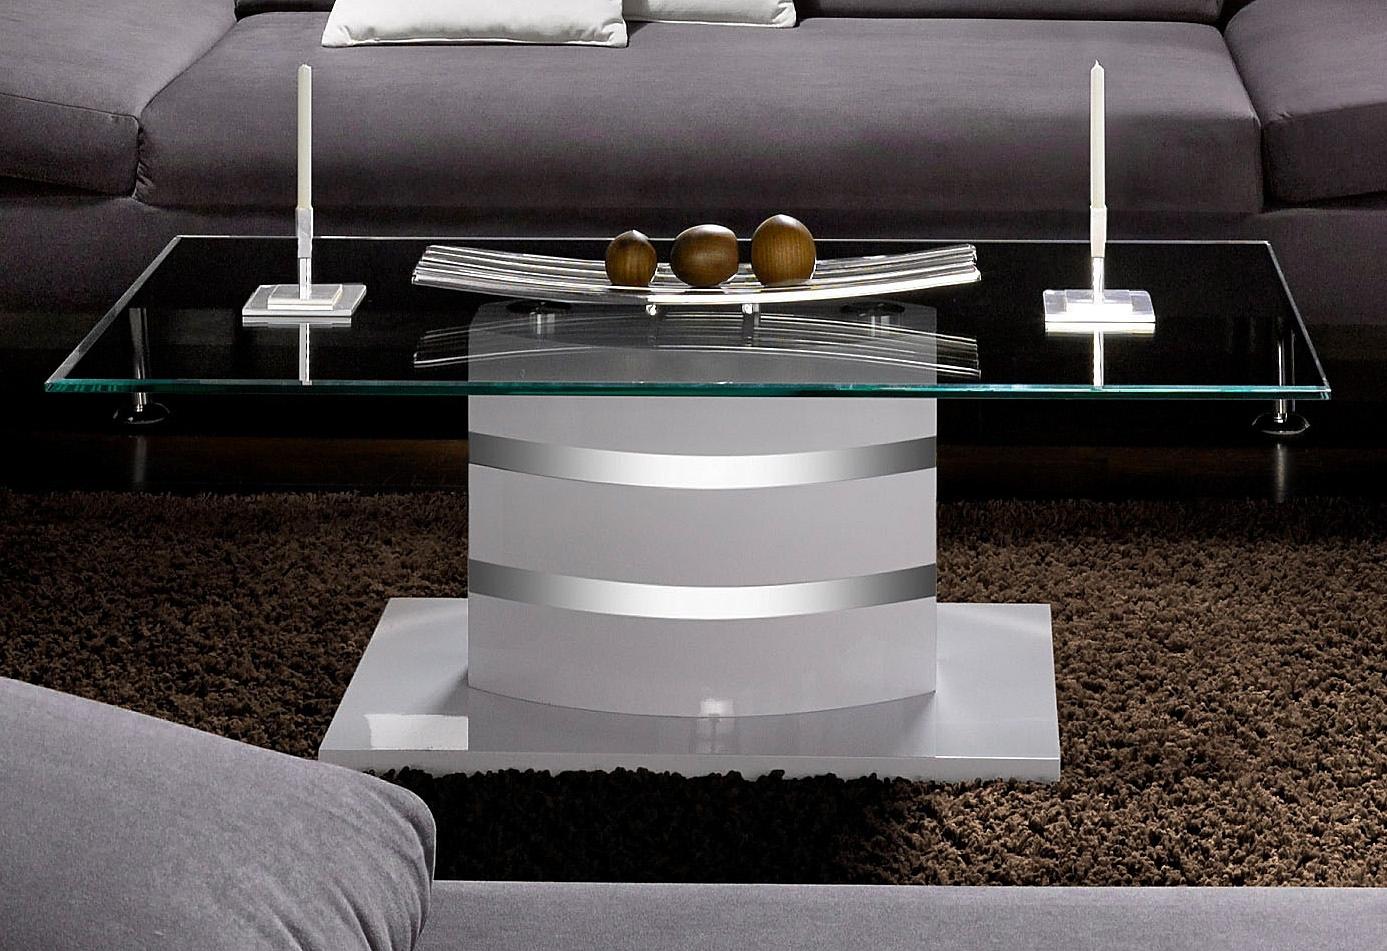 Paroli salontafel met heldere glasplaat goedkoop op otto.nl kopen